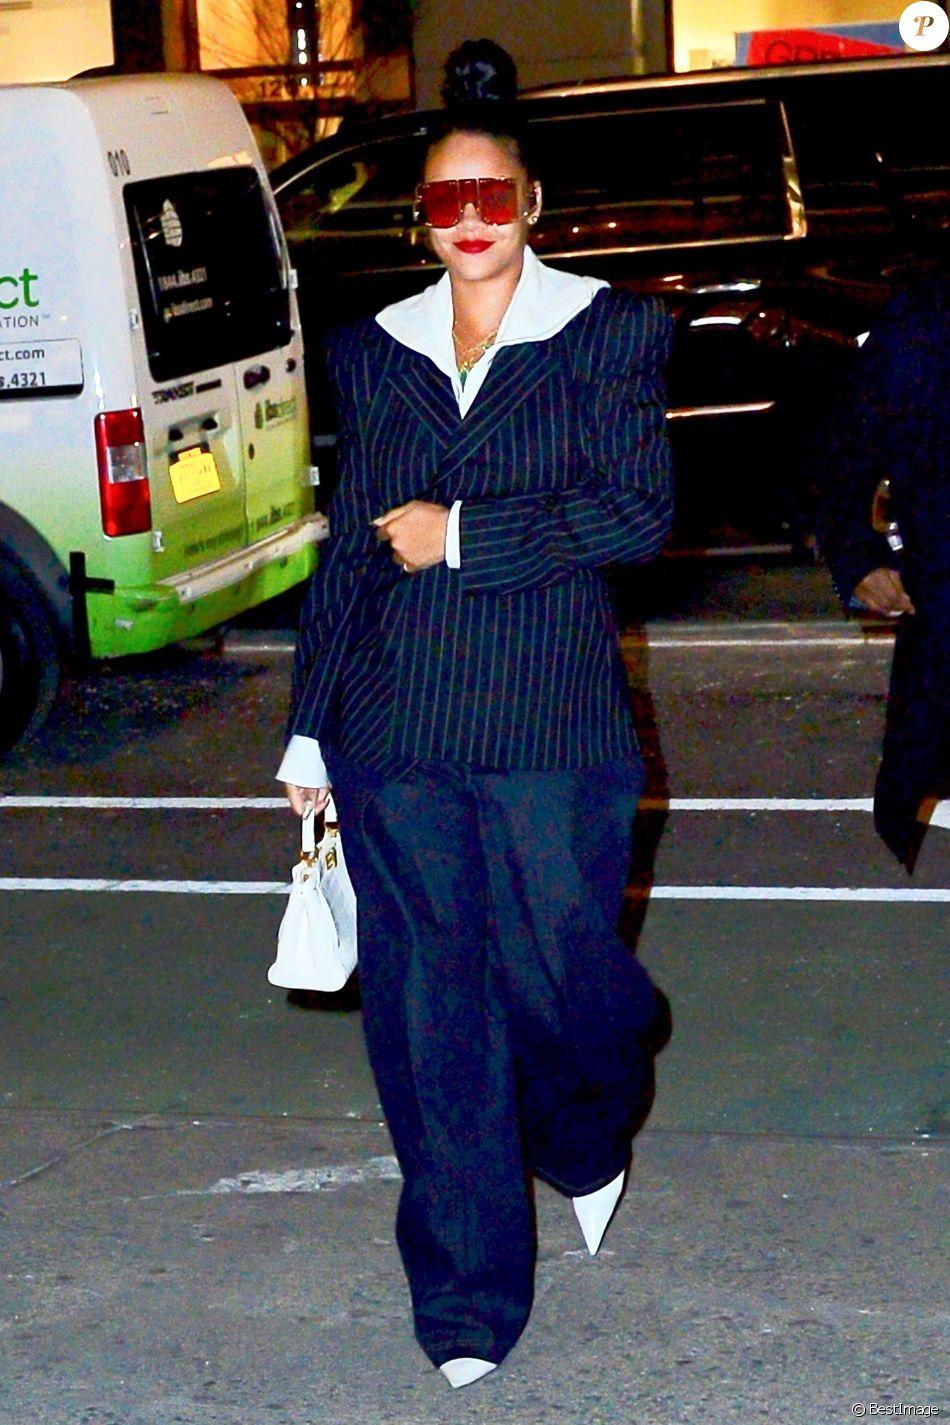 dd2c6e041e09e9 Rihanna porte une veste rayée et des lunettes de soleil XXL en balade dans  les rues de New York, le 13 janvier 2019.